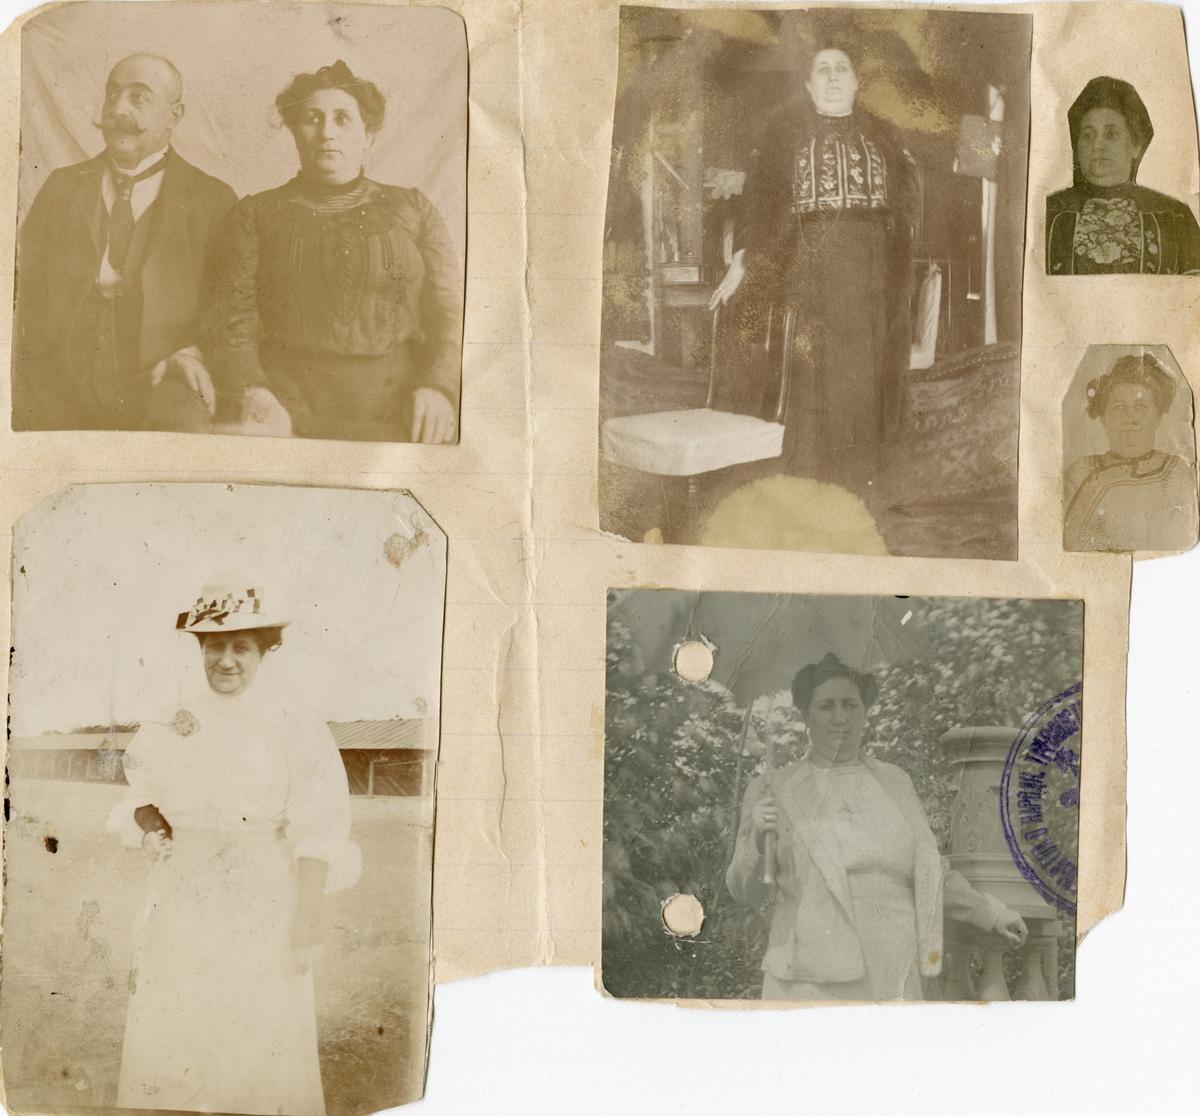 Famileportretter klippet ut av Florentine Rostins fotoalbum, tosidig. Portretter av Michail og Sophia, (Sonja) Rostin (øverst til venstre), samt fem portretter av Sophia Rostin.